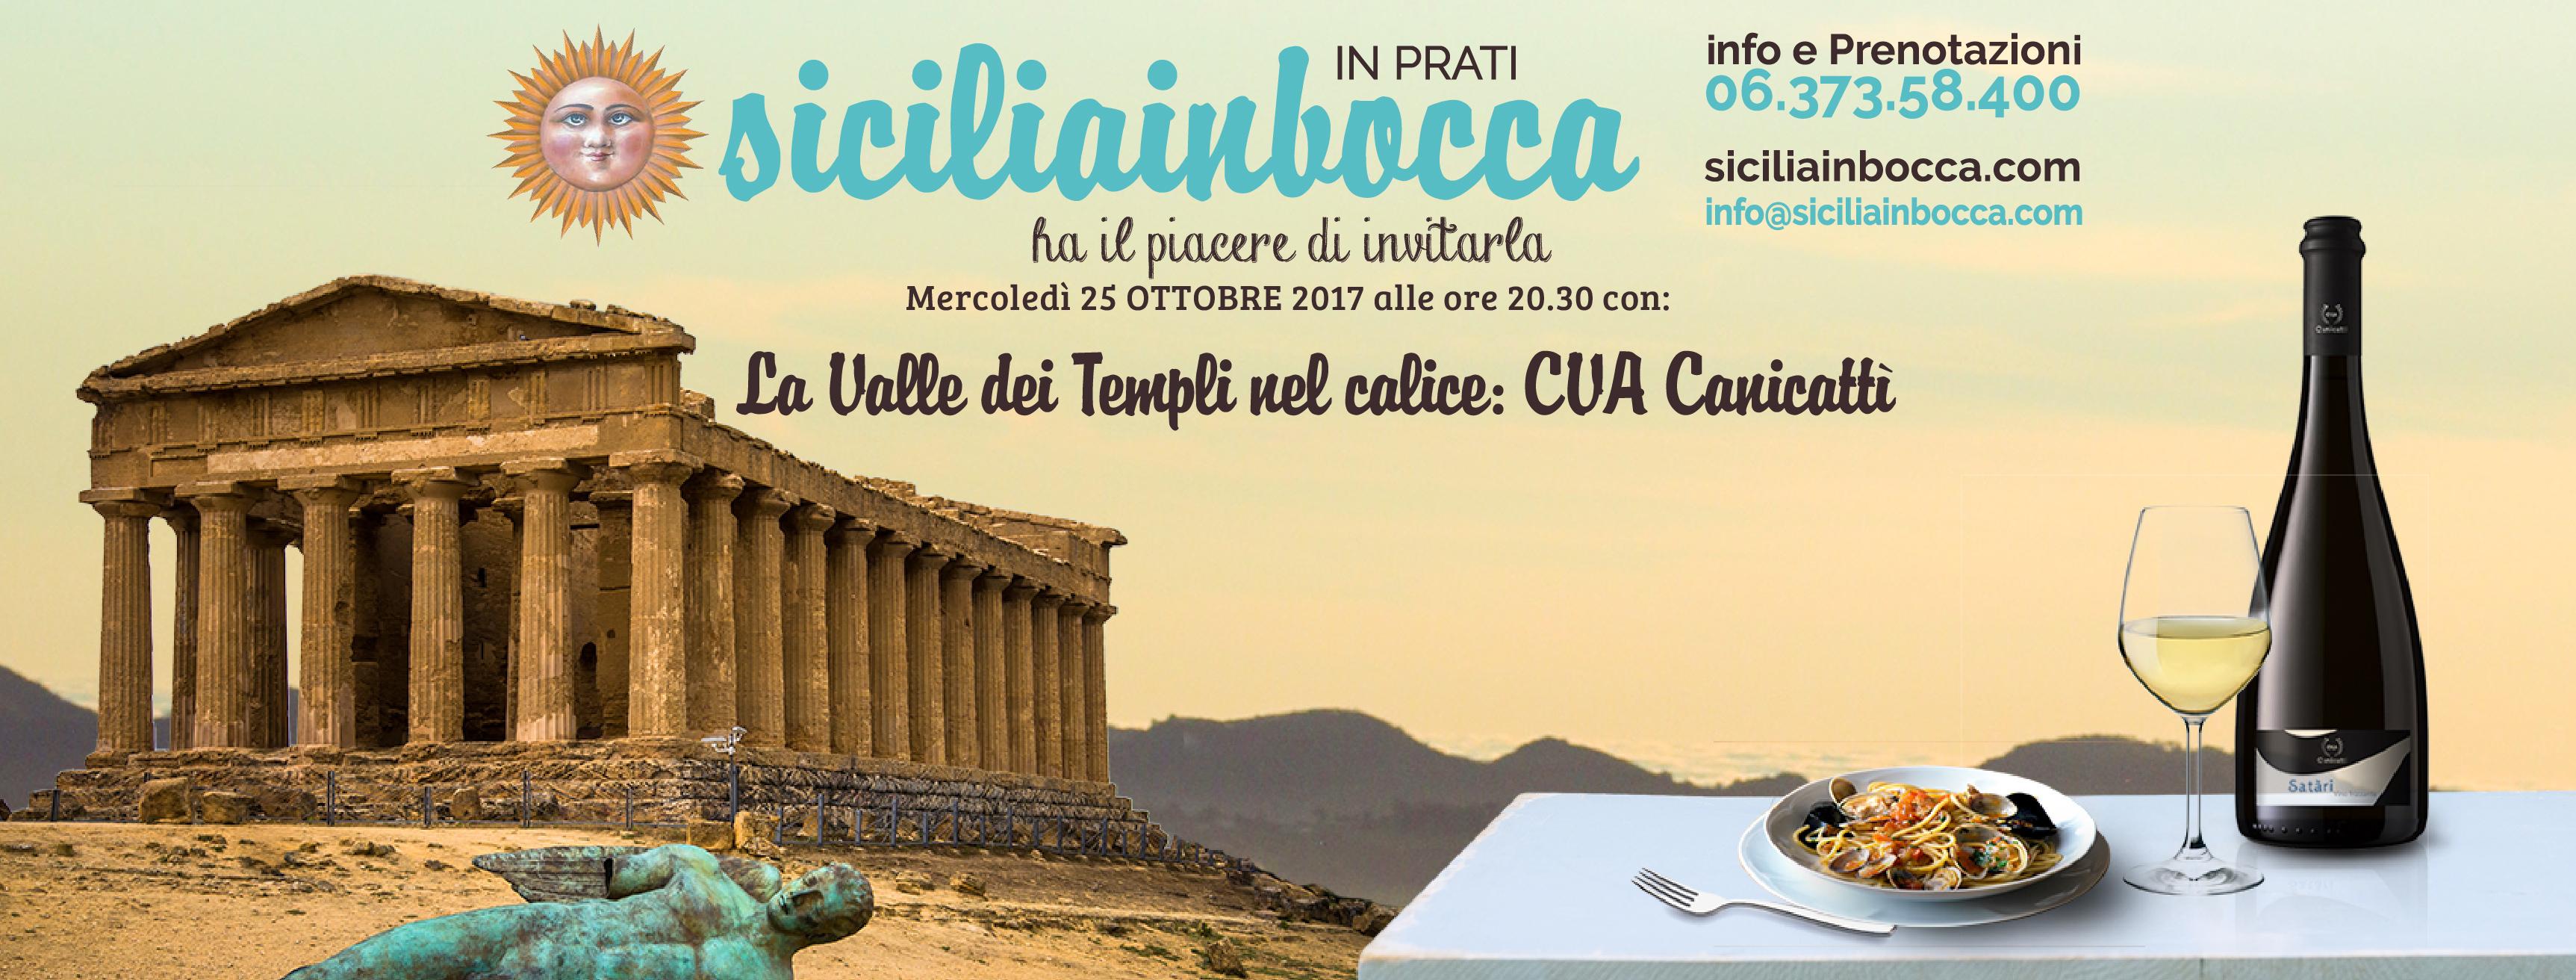 SiciliaInBocca-banner-fb-01-01